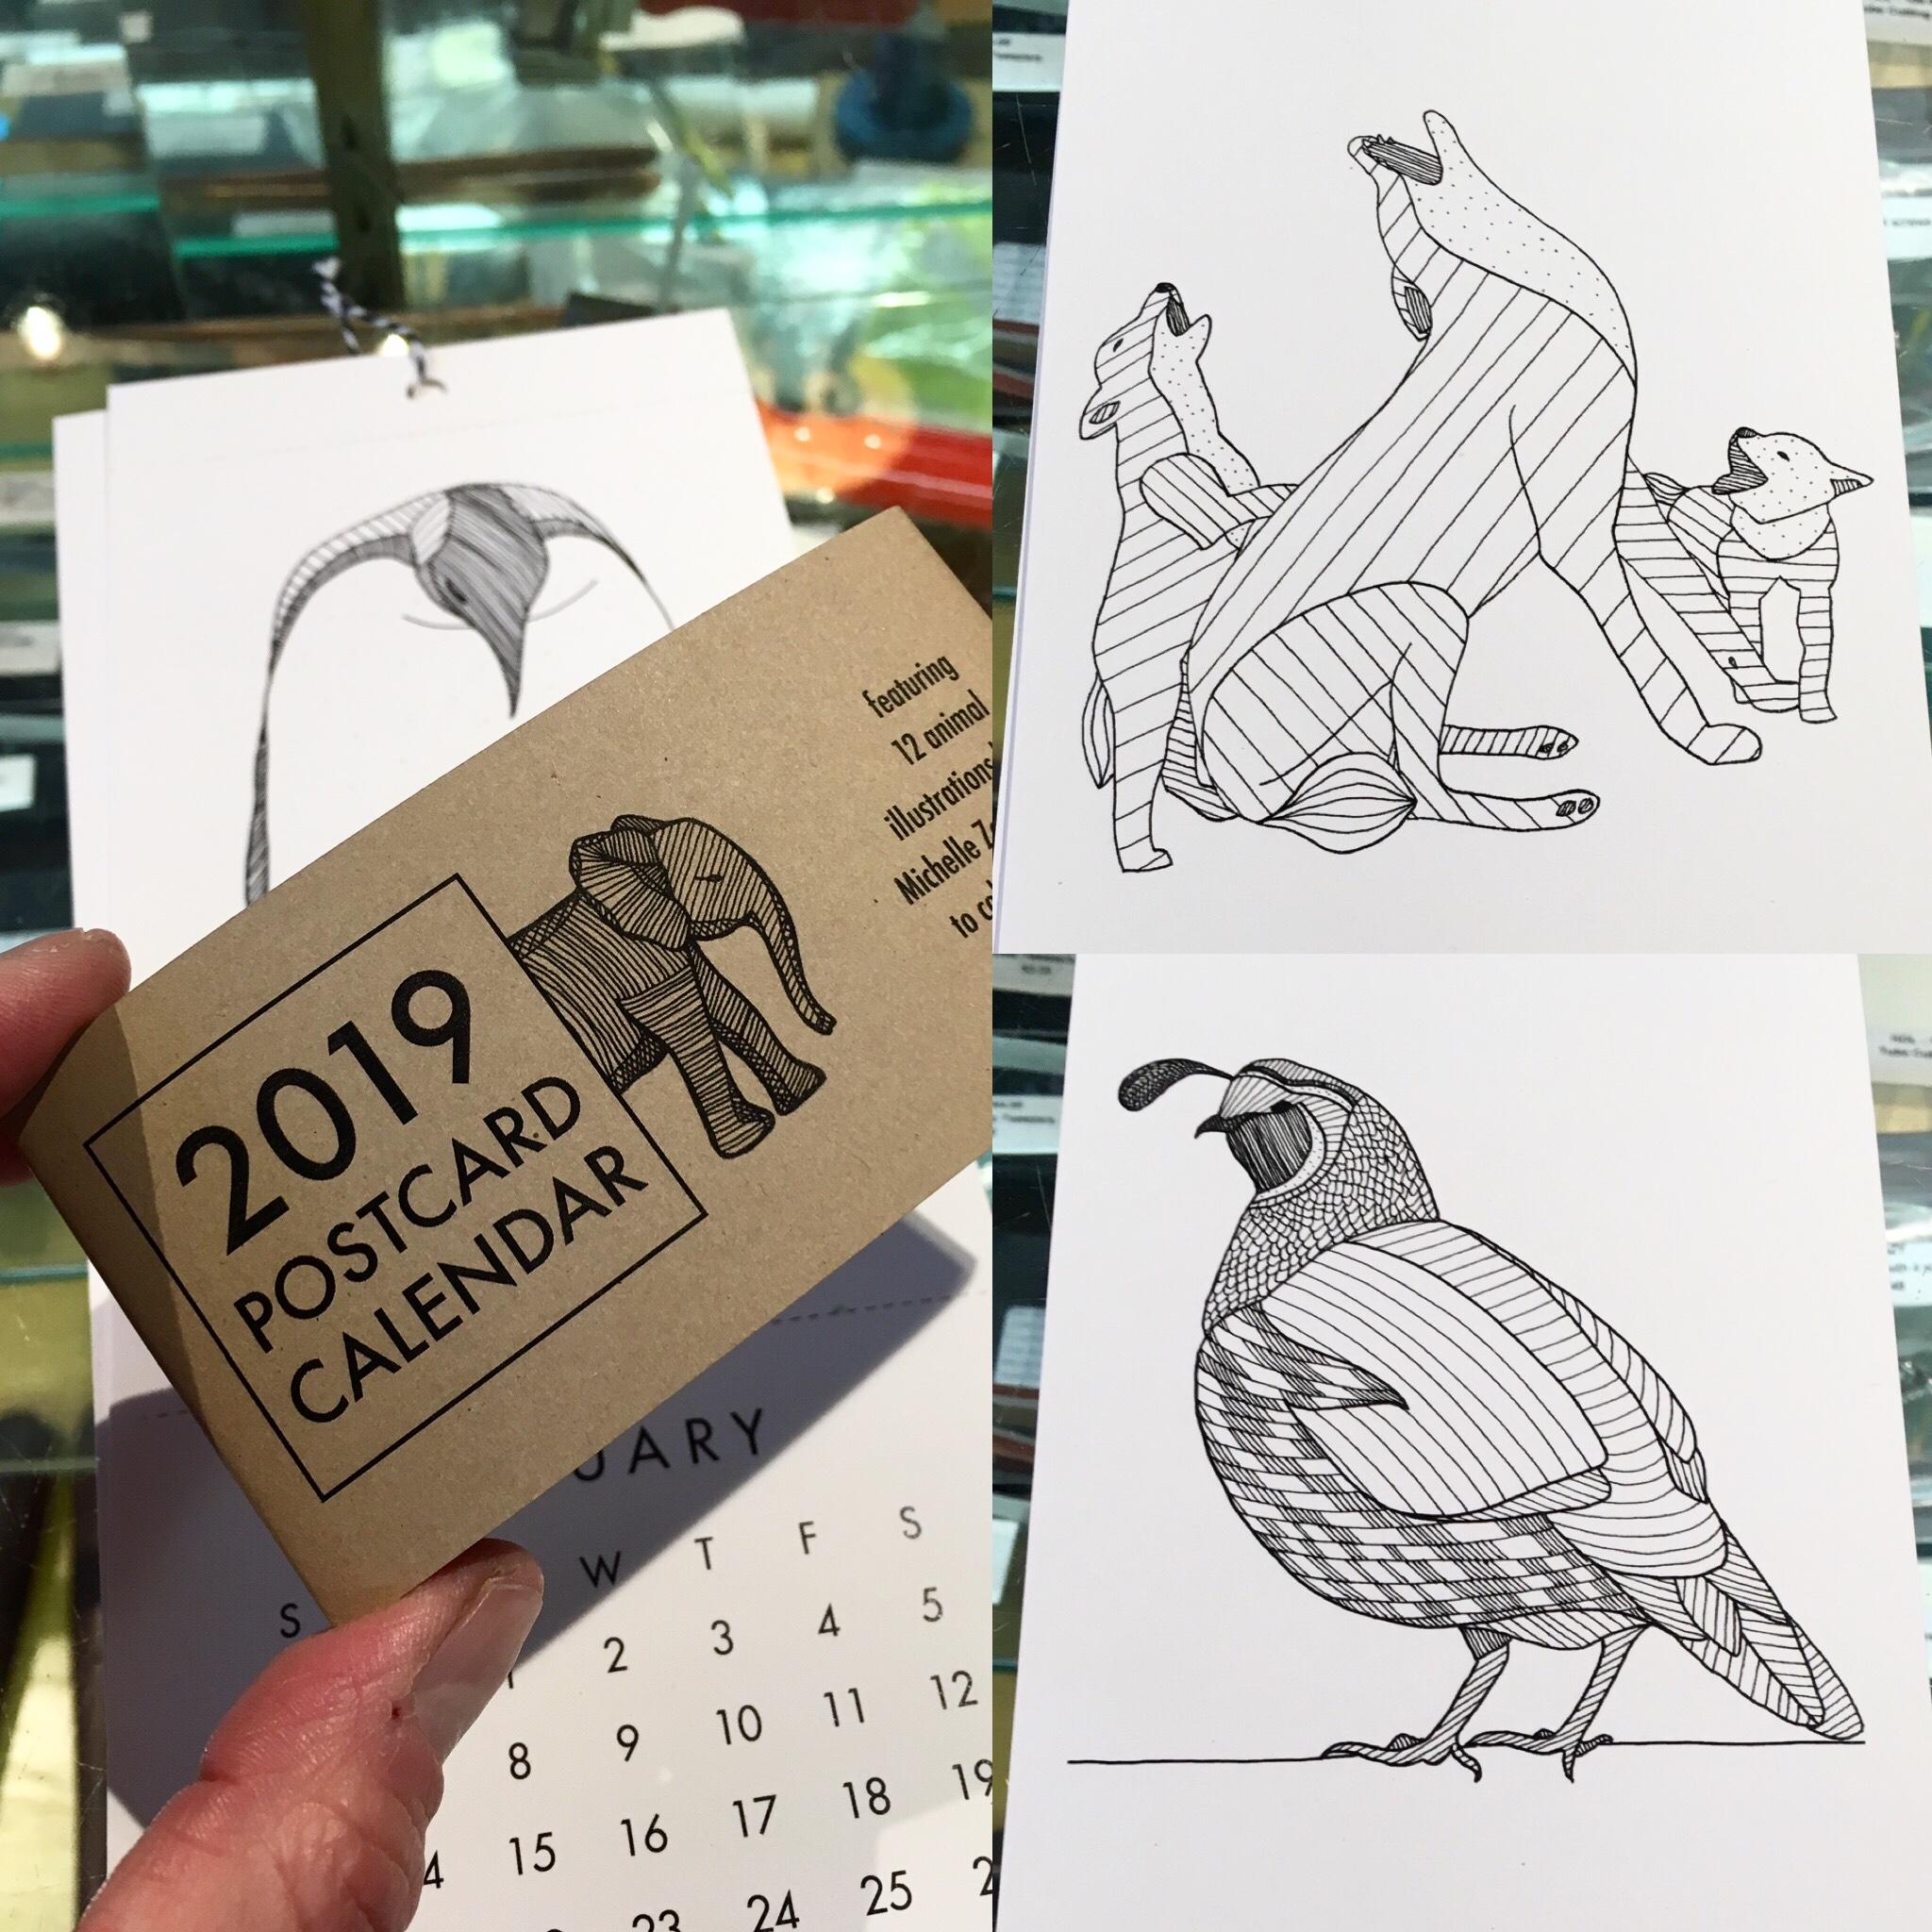 2019 Postcard Calendar by Michelle Ziedman, coloring book, postcards, calendar, animals, wild animals, hand drawn, art calendar